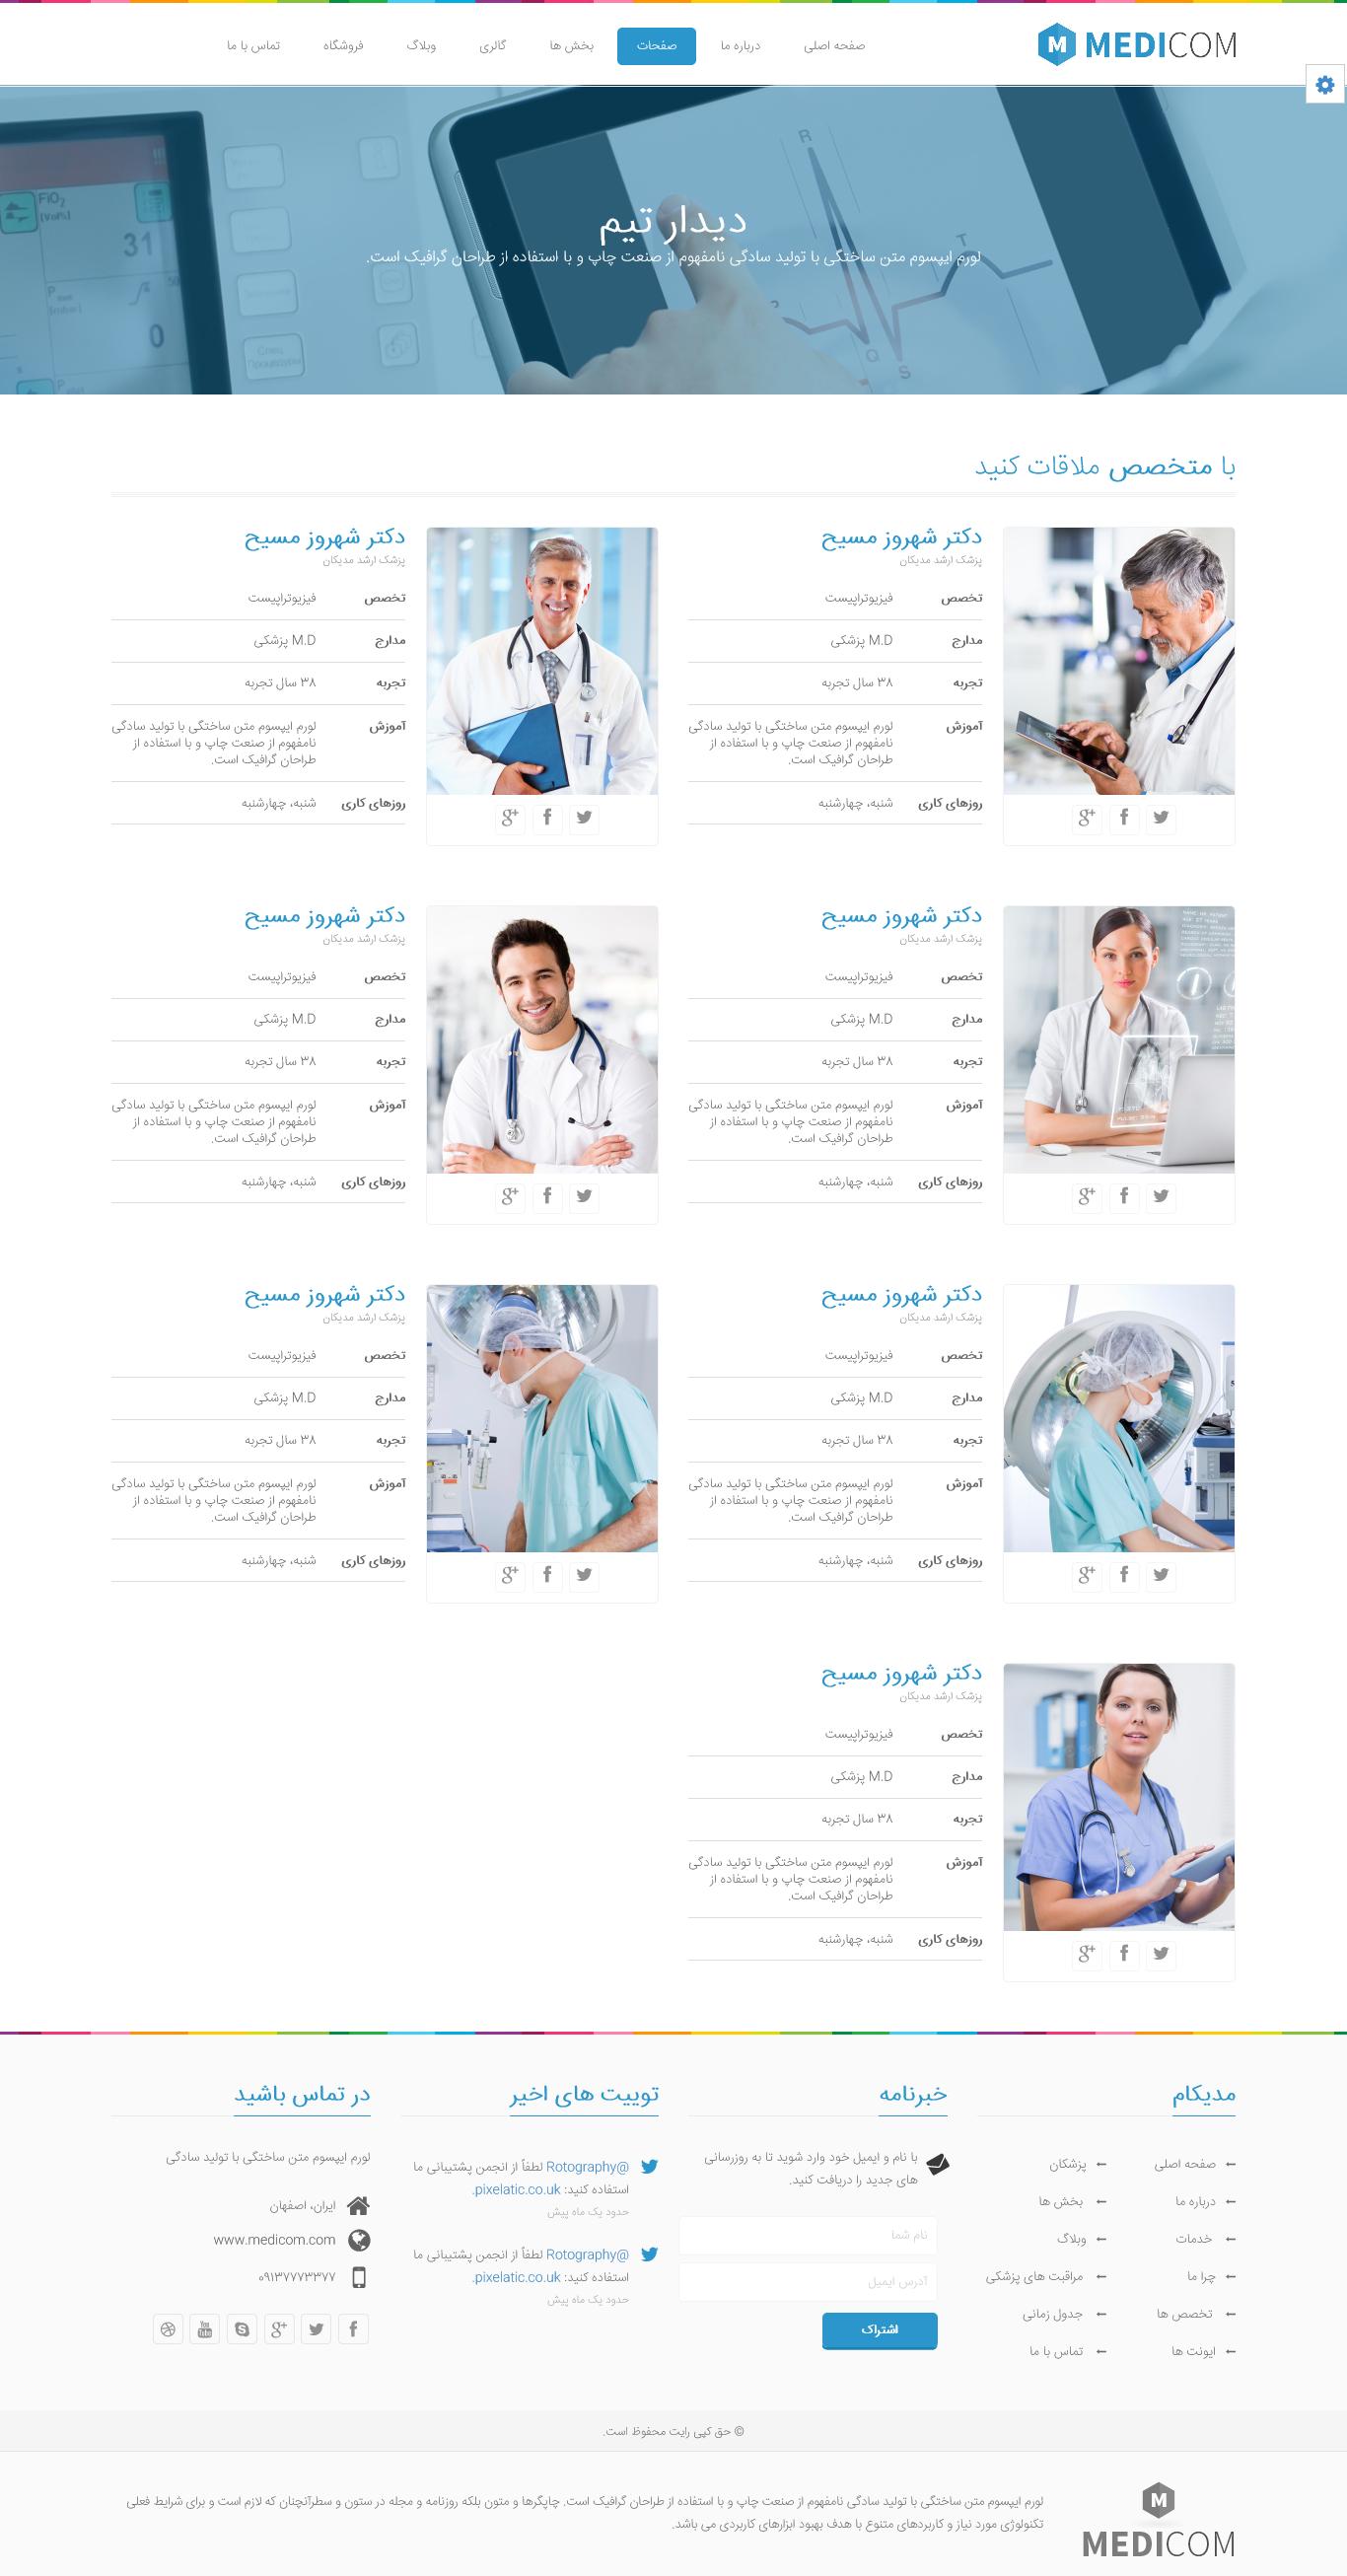 صفحه پزشکان در قالب پزشکی مدیکام